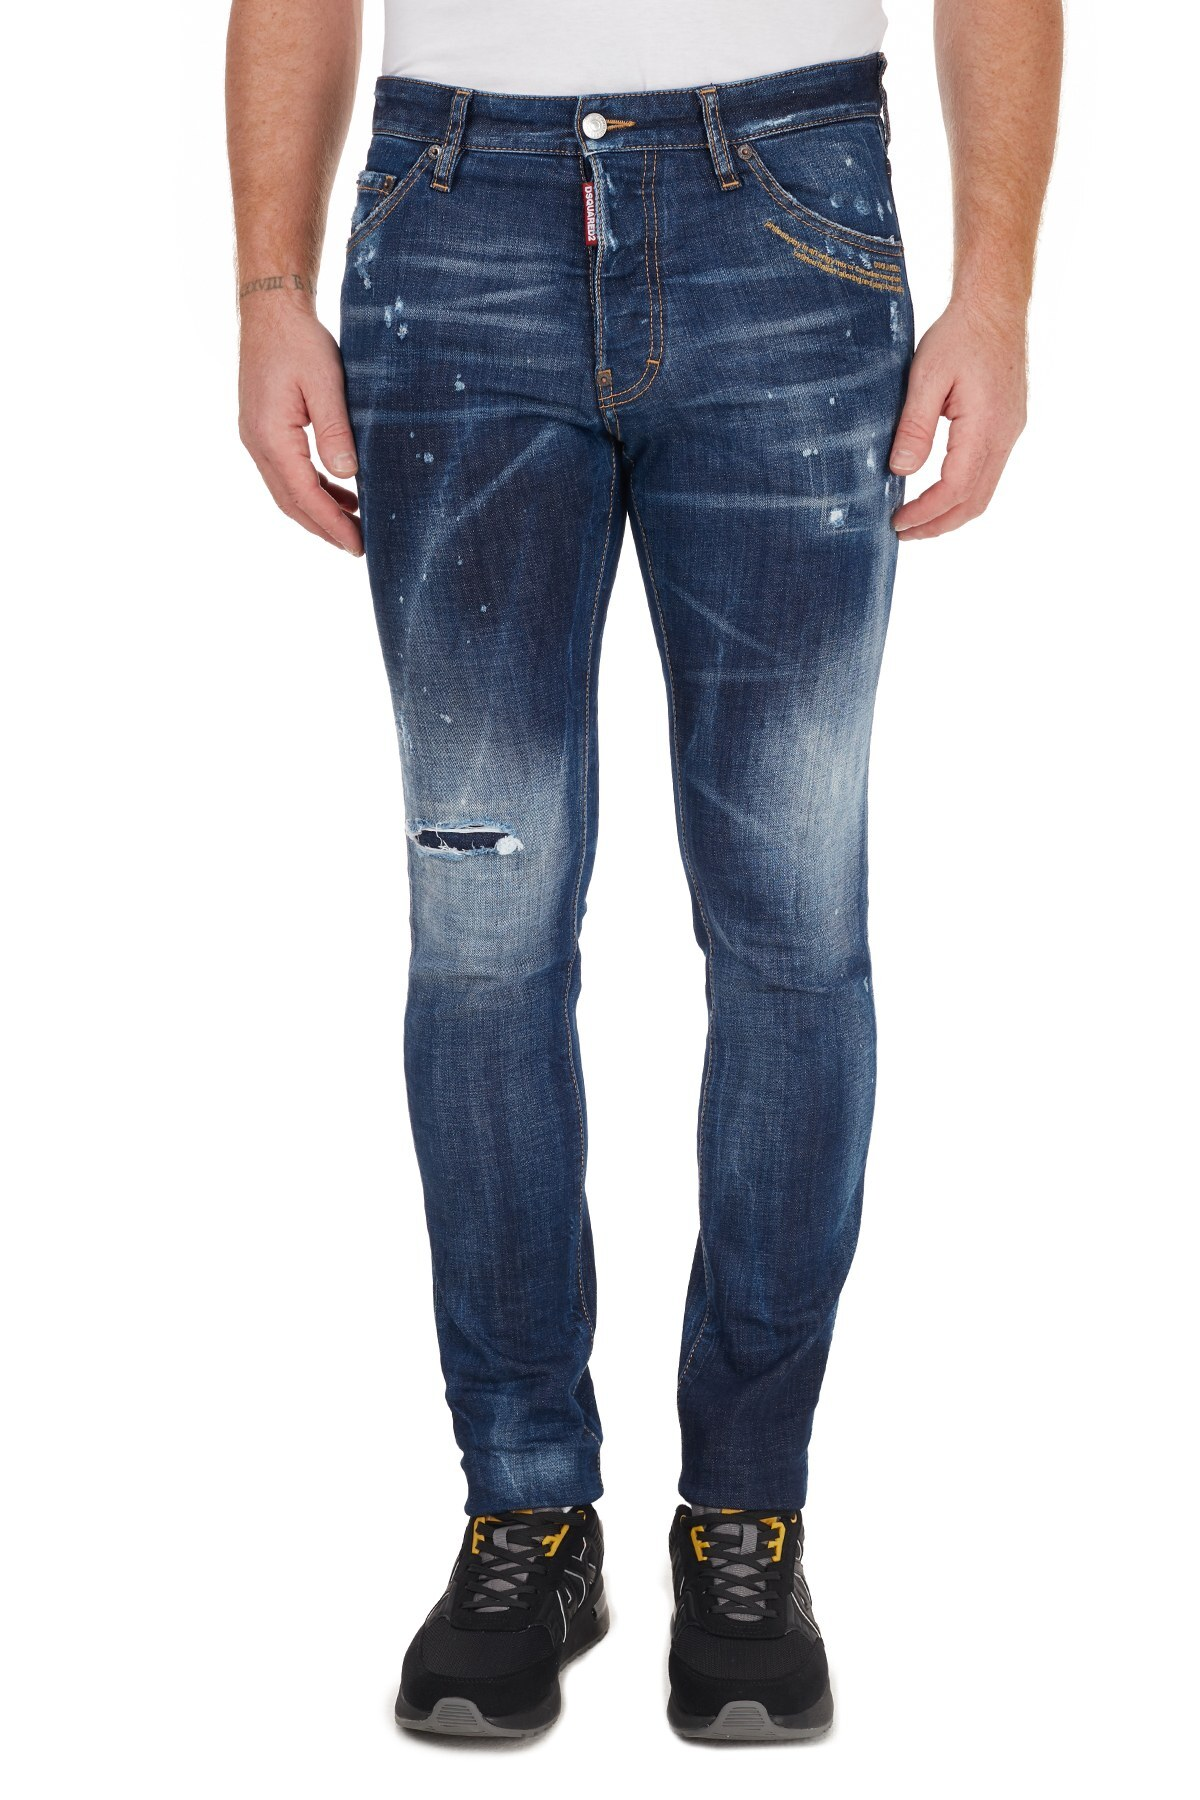 Dsquared2 Slim Fit Pamuklu Jeans Erkek Kot Pantolon S71LB0779 S30664 470 MAVİ